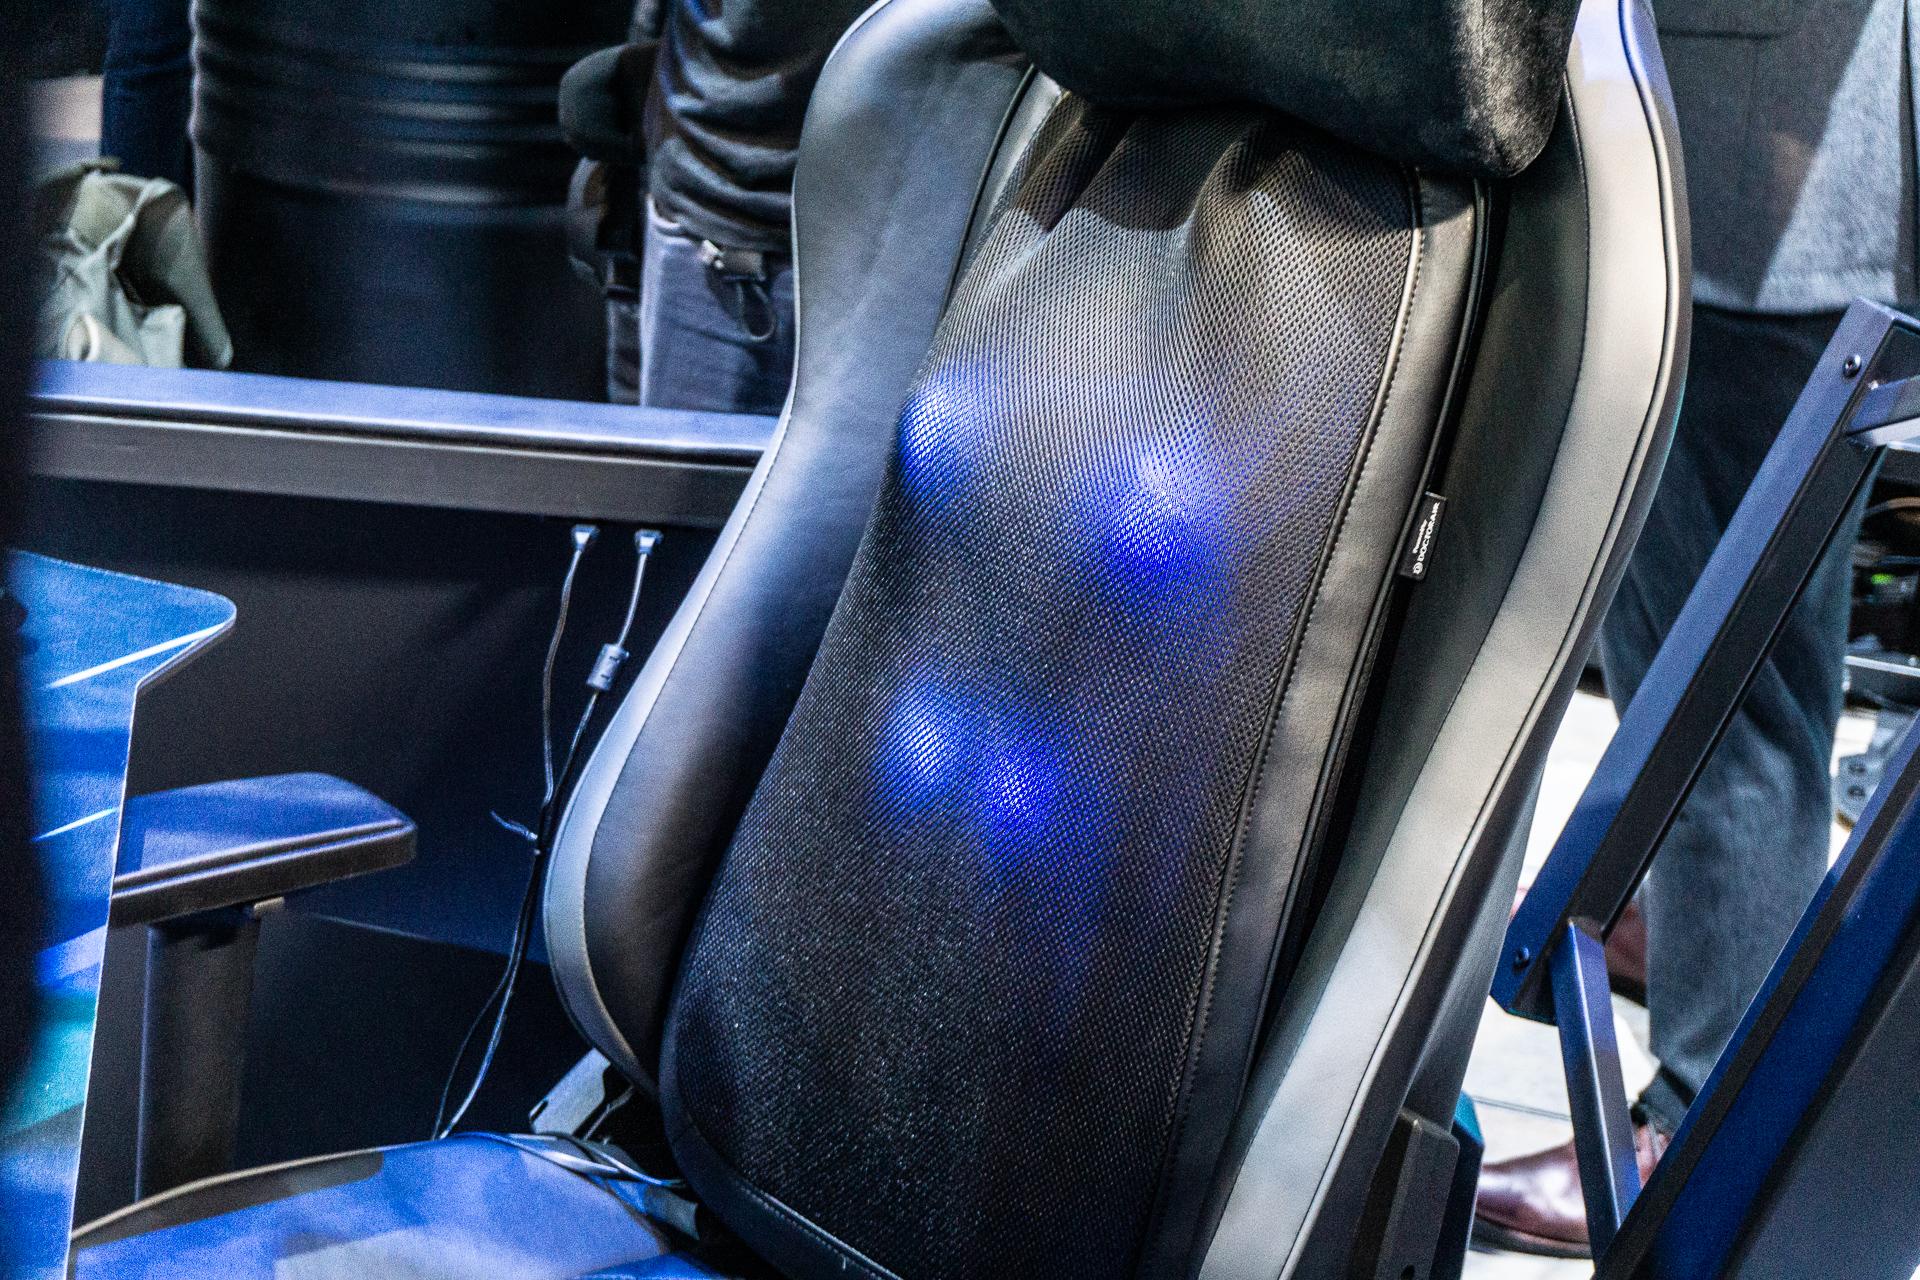 55.000 PLN için bir oyuncu için bir sandalyeye masaj yapmama izin verdim. Avcı Thronos Air, IFA 2019'un sürprizlerinden biri 1